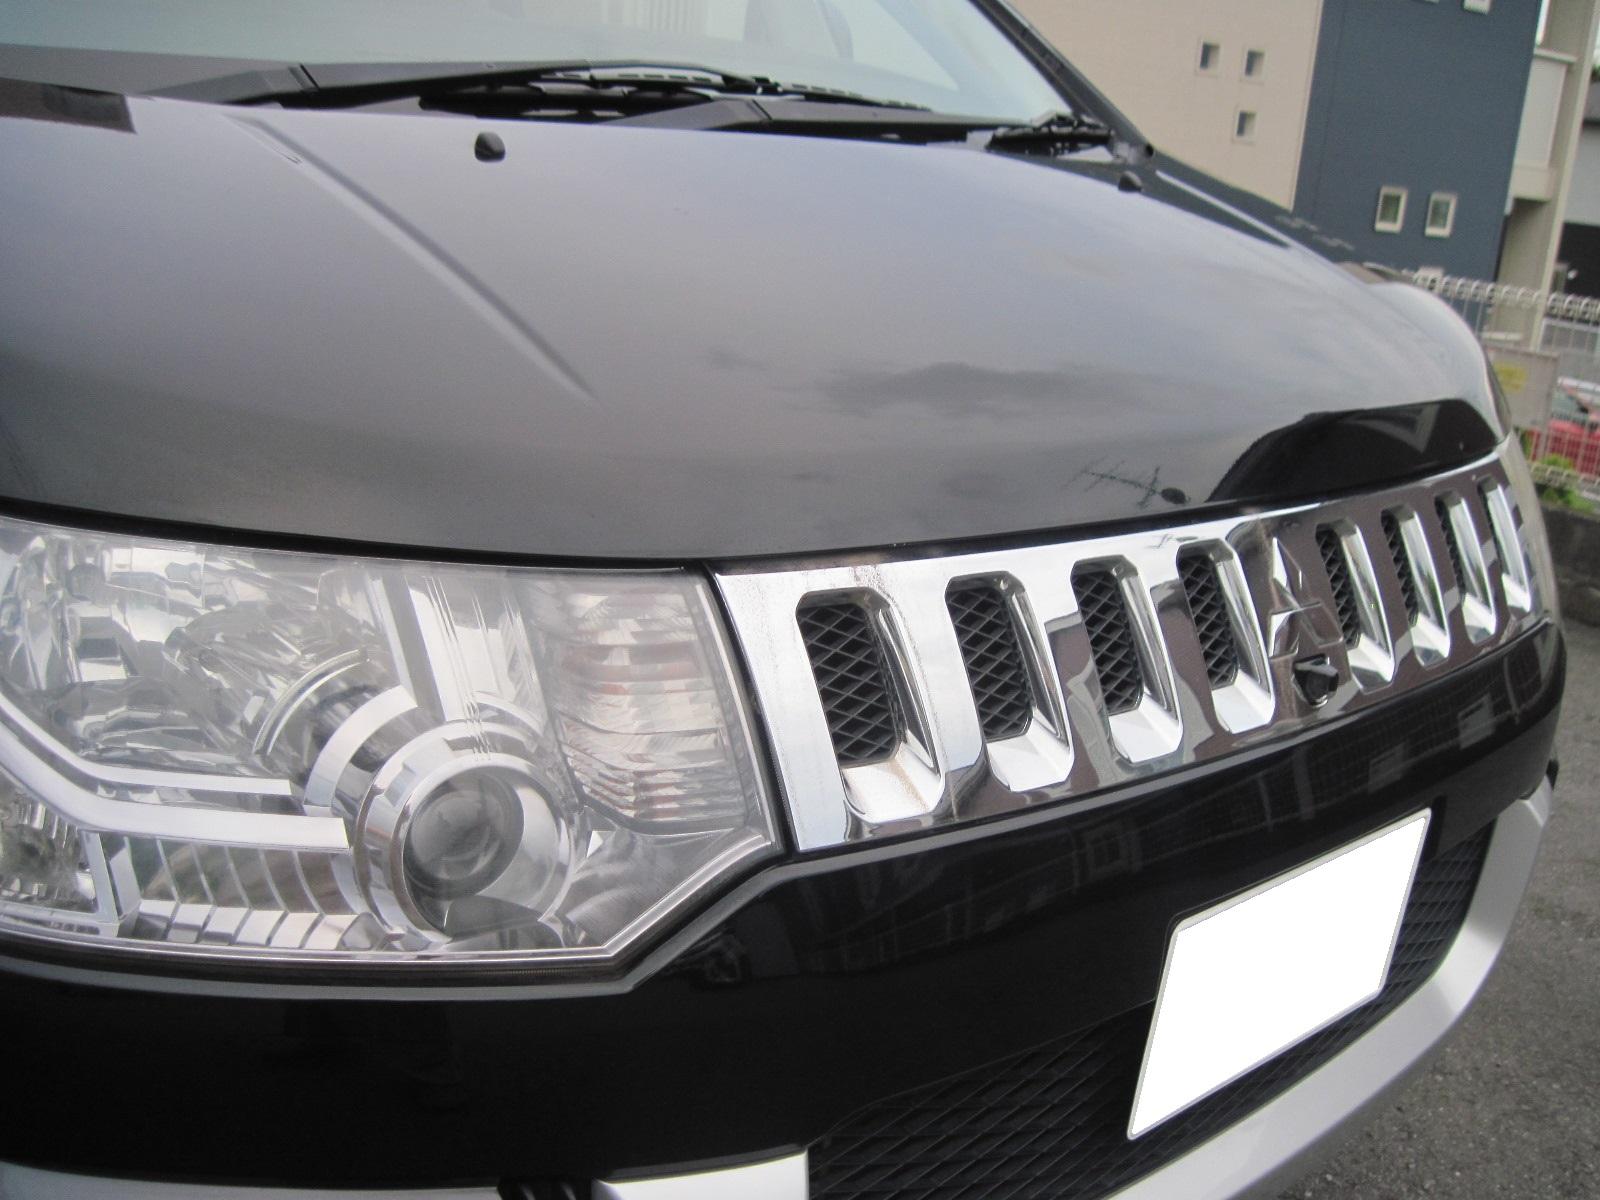 デリカ D5 フロントグリル マットブラック塗装 艶消し黒 ペイント 塗装 カスタム